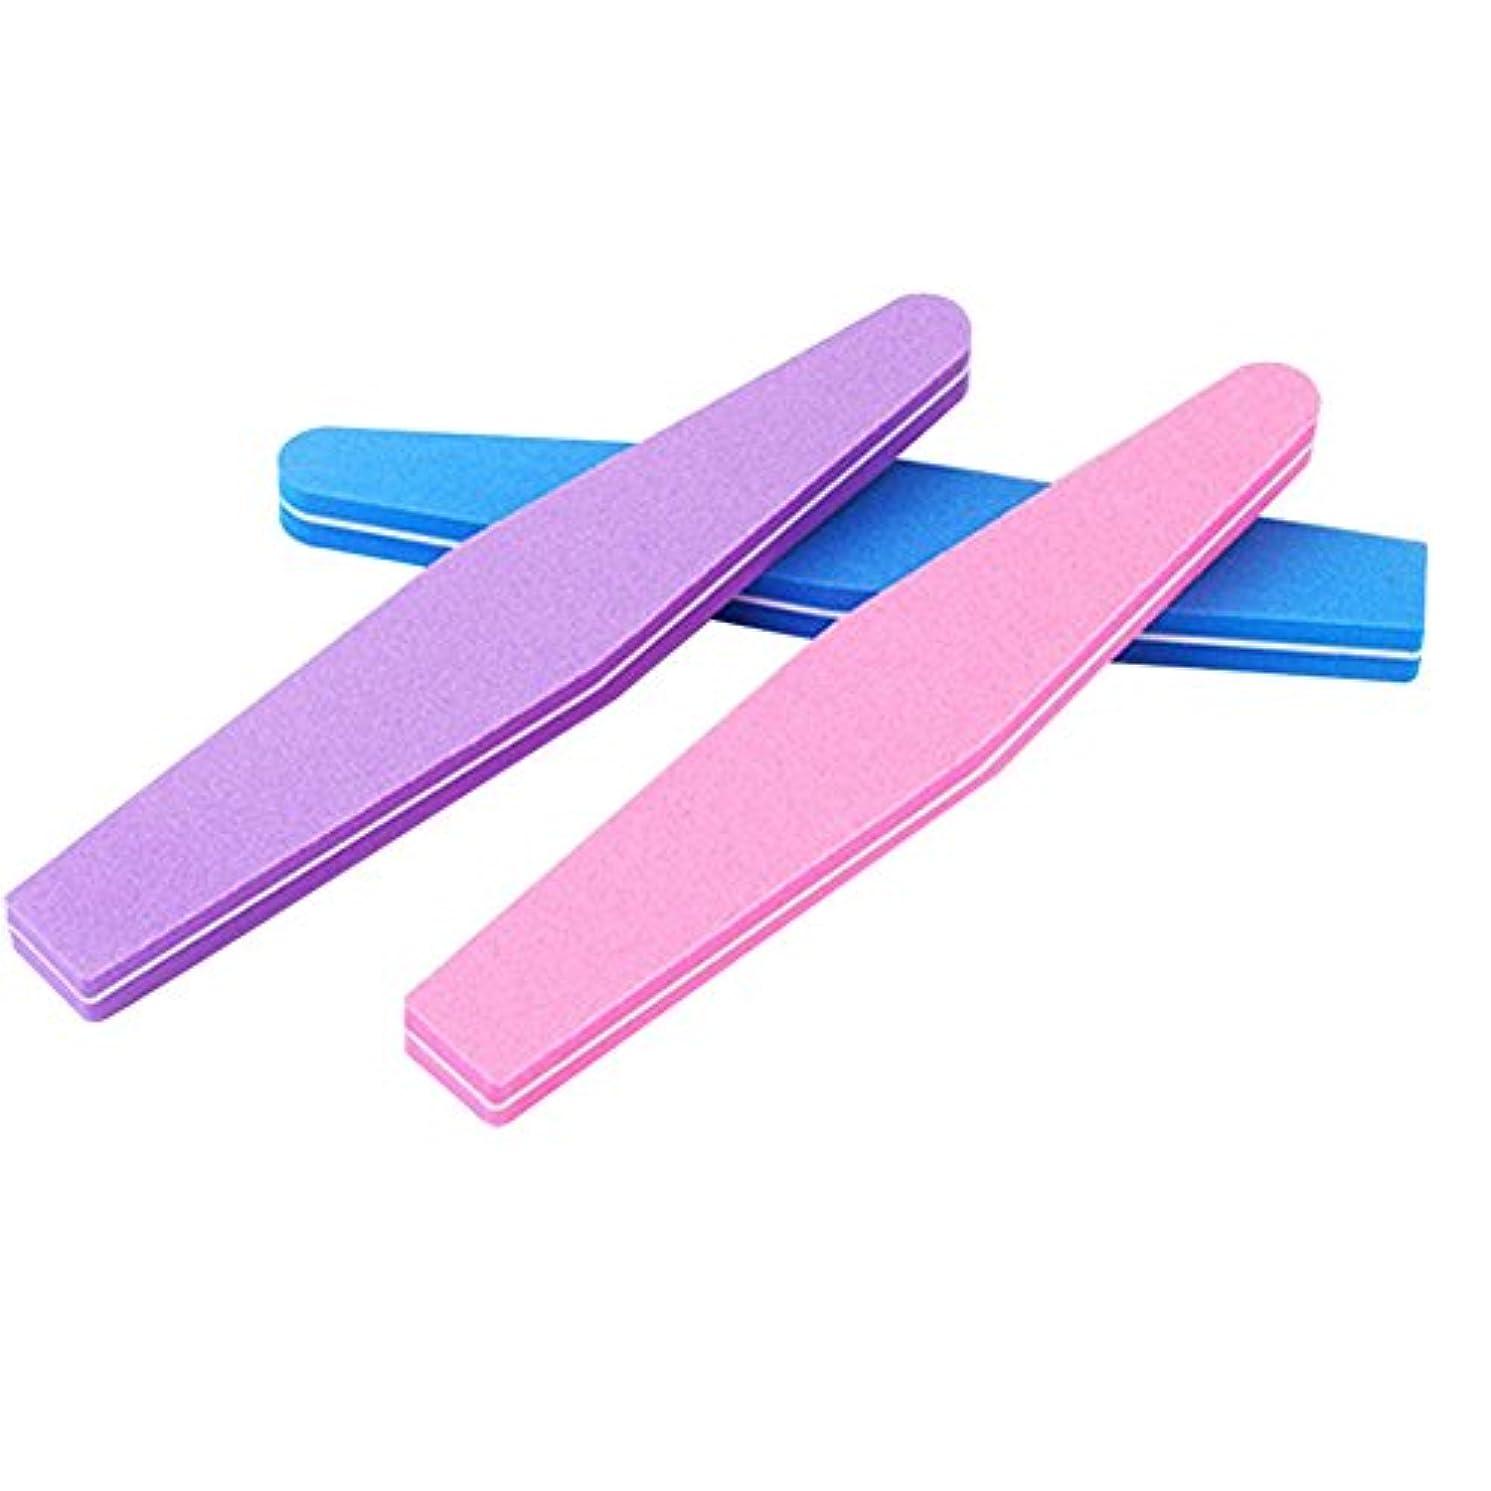 ネコ静める香水Poonikuuネイルやすり ネイルファイル 爪ヤスリ爪磨き ケアツール ネイルツール 小型便利 ランダムカラー 1本セット